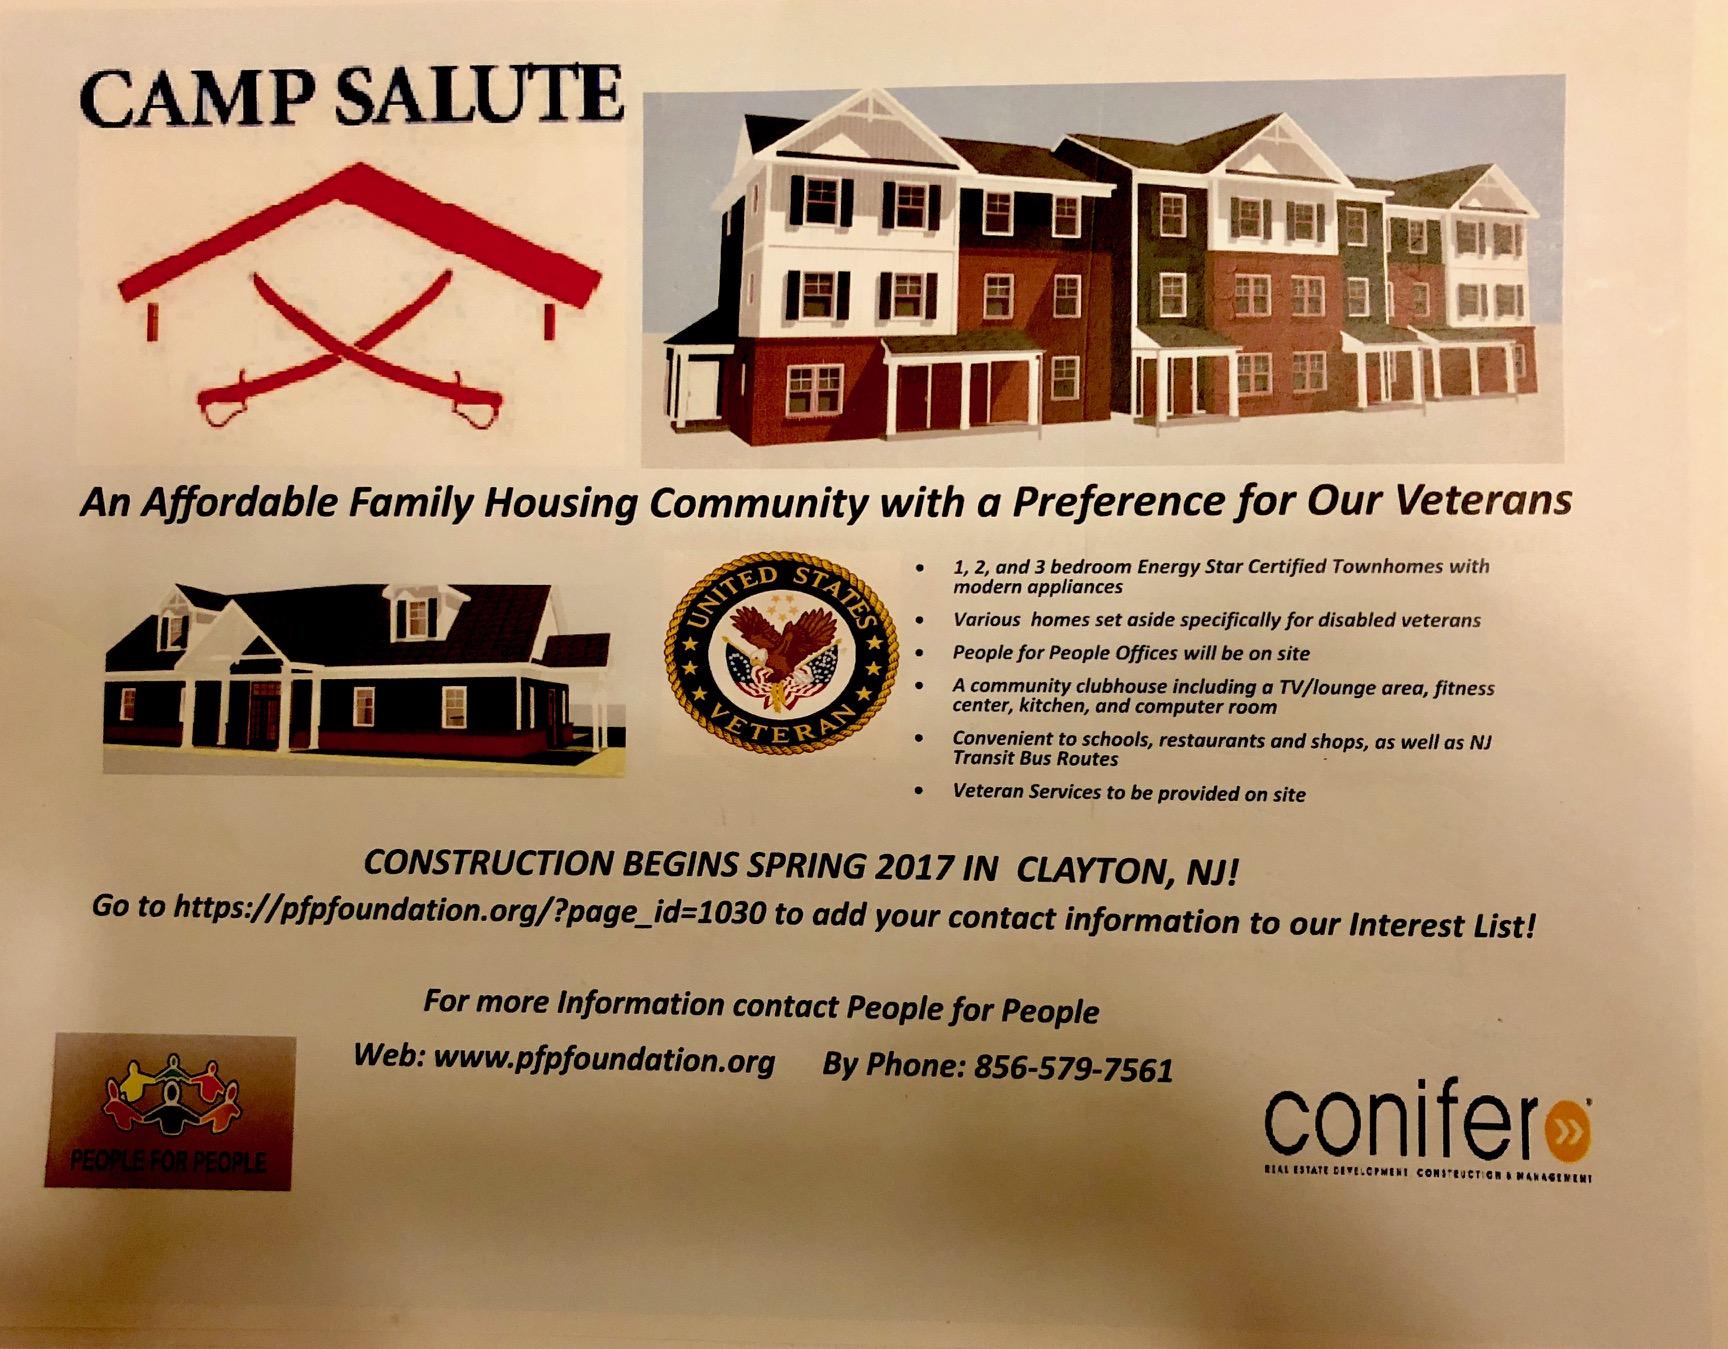 Housing Opportunities for Veterans